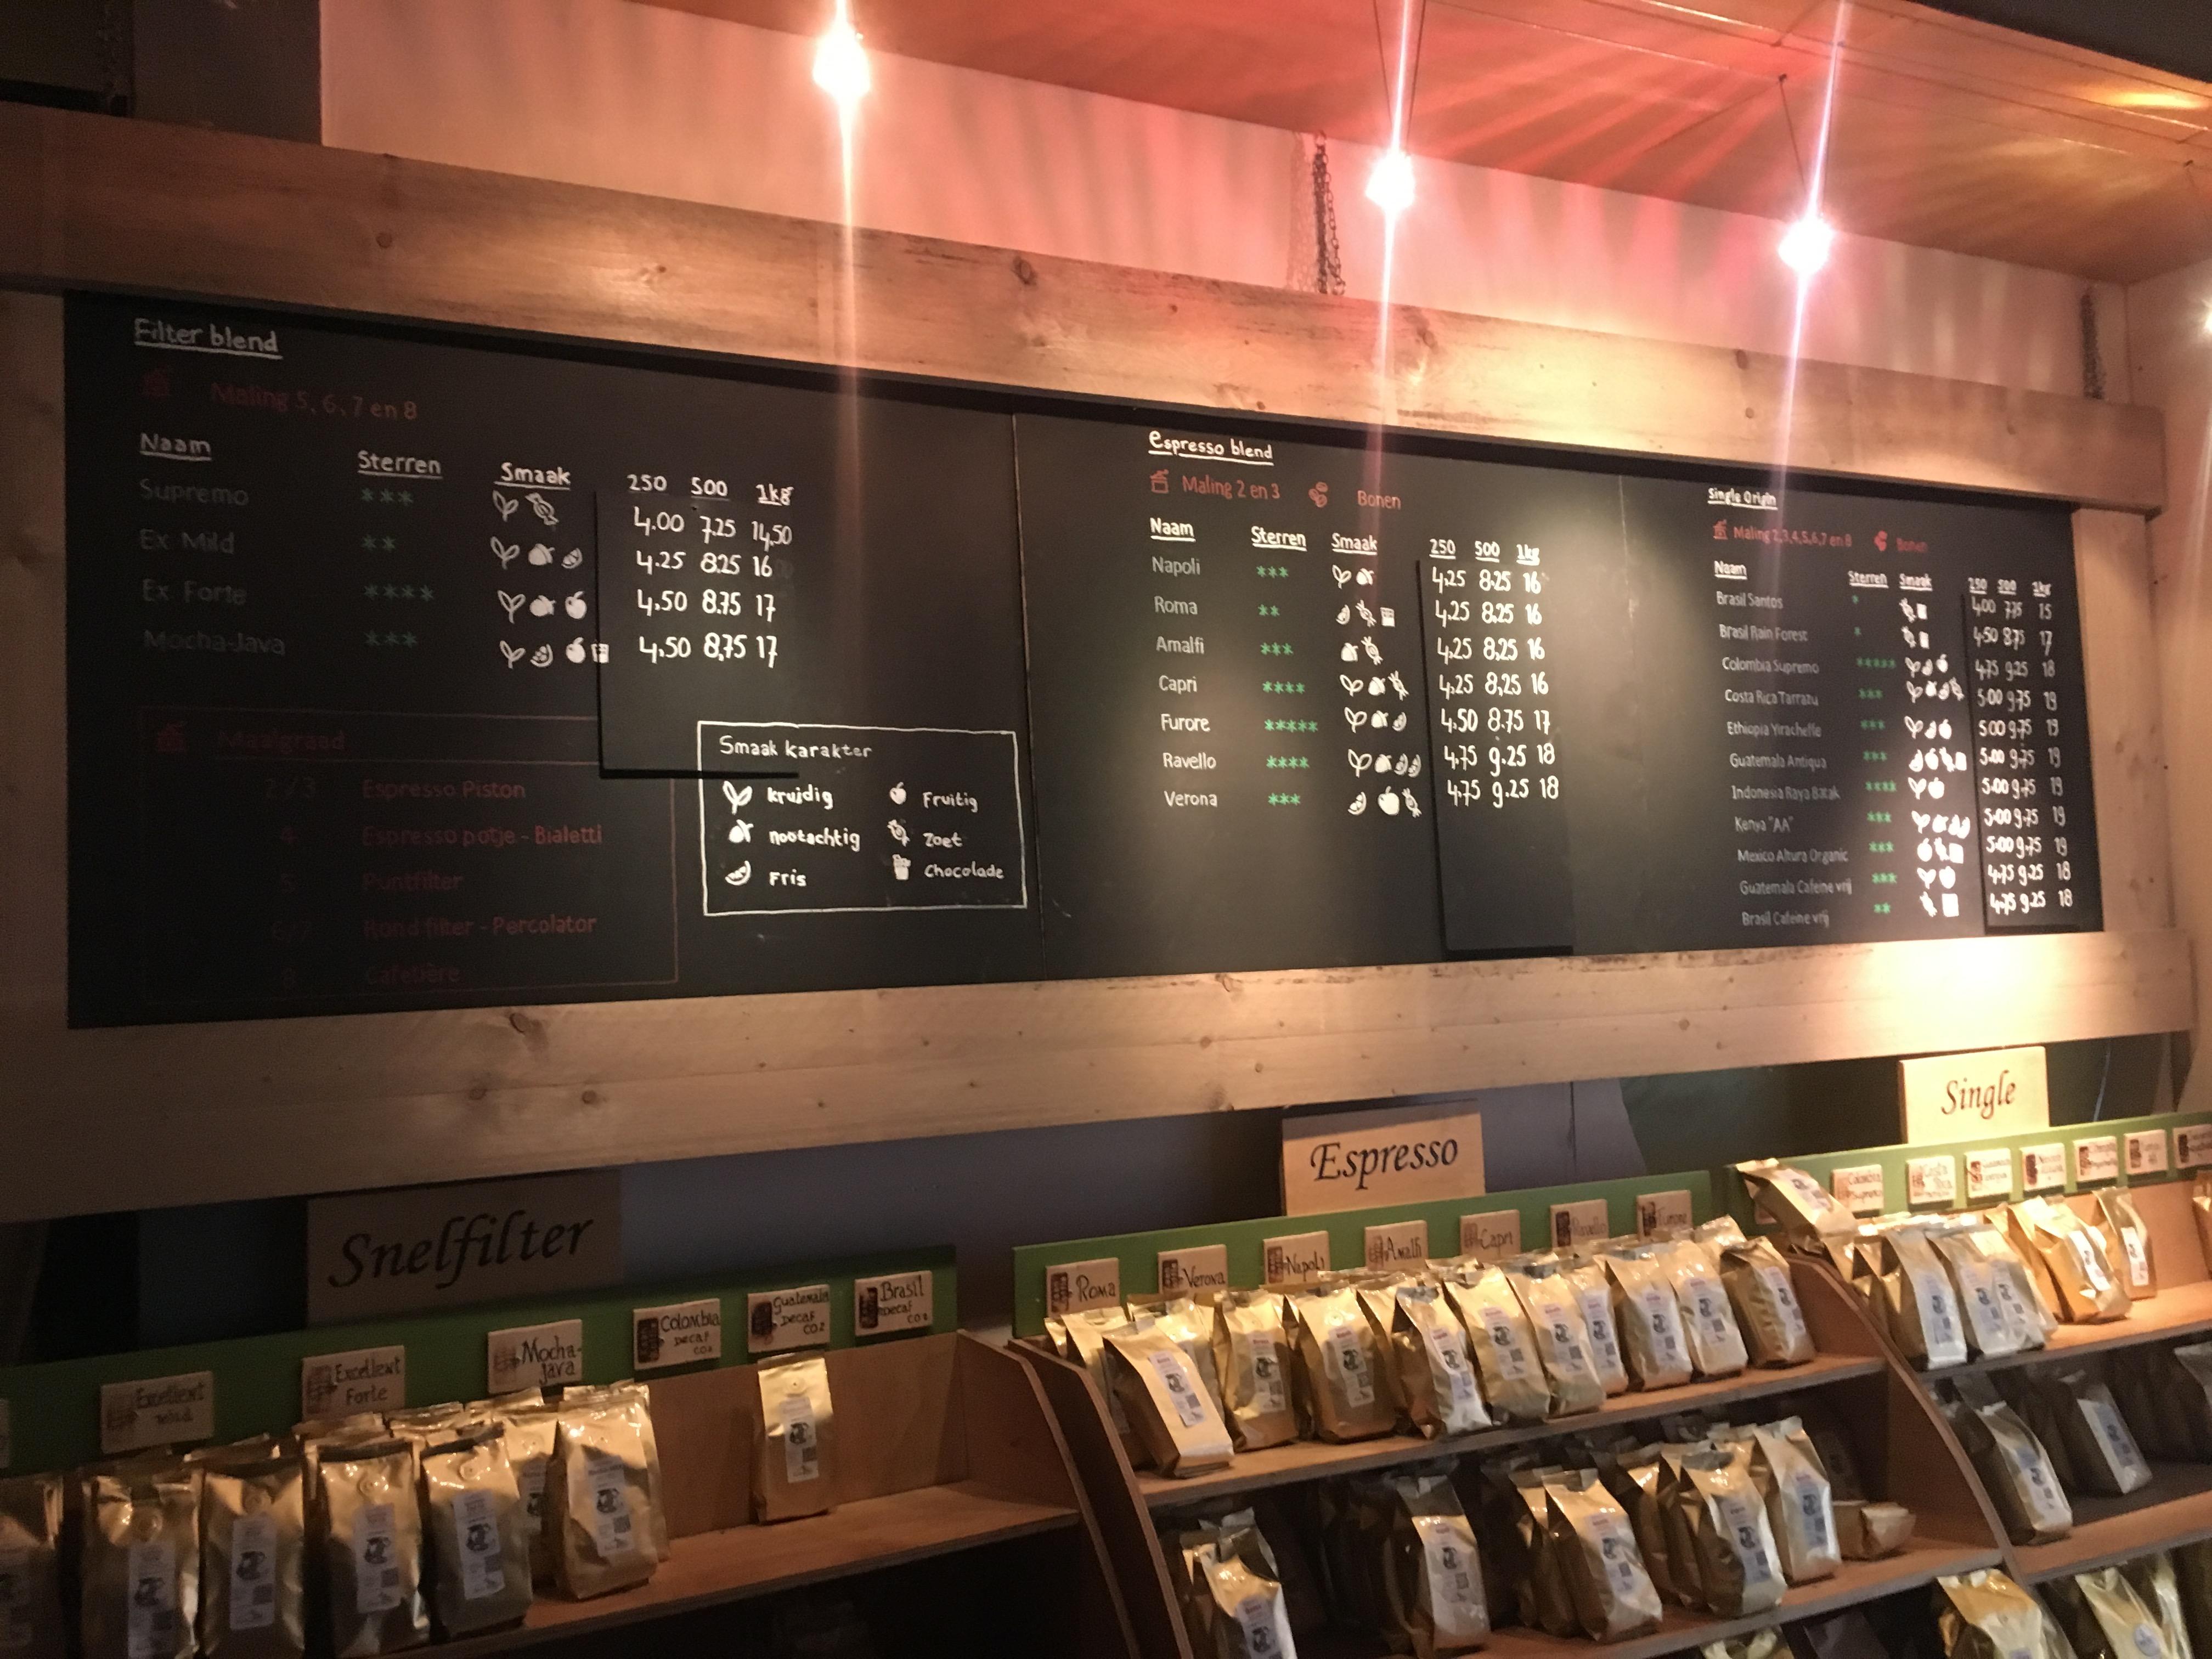 Nieuwe smaak kenmerken toegevoegd aan de koffie menukaart